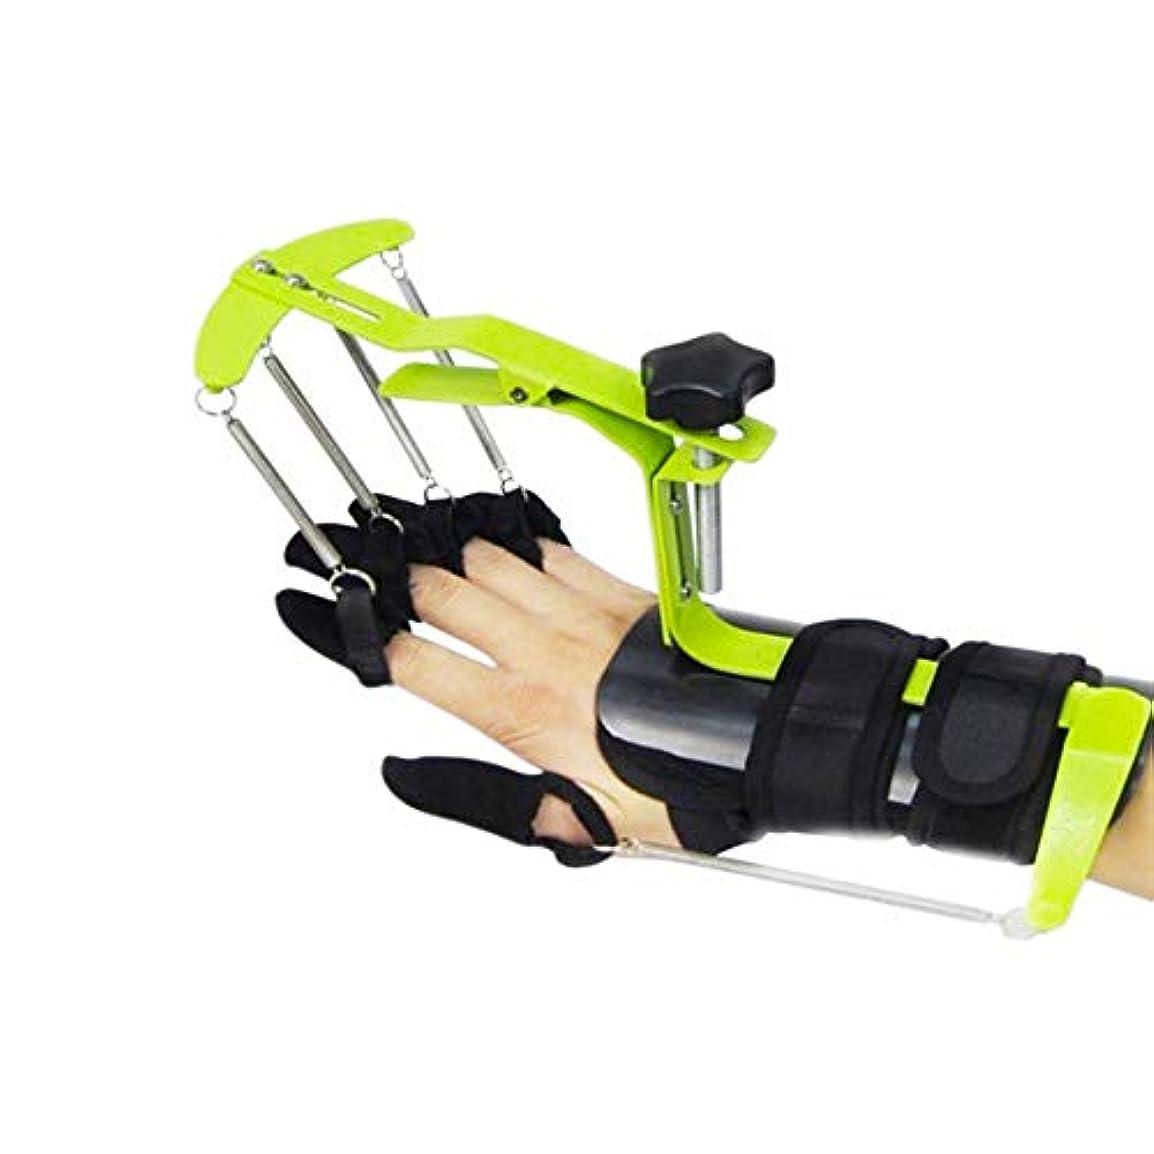 差し迫ったスチュワード一瞬指手首矯正エクササイザ、指ブレース指リハビリテーション訓練装置、左右用指矯正用指トレーナー